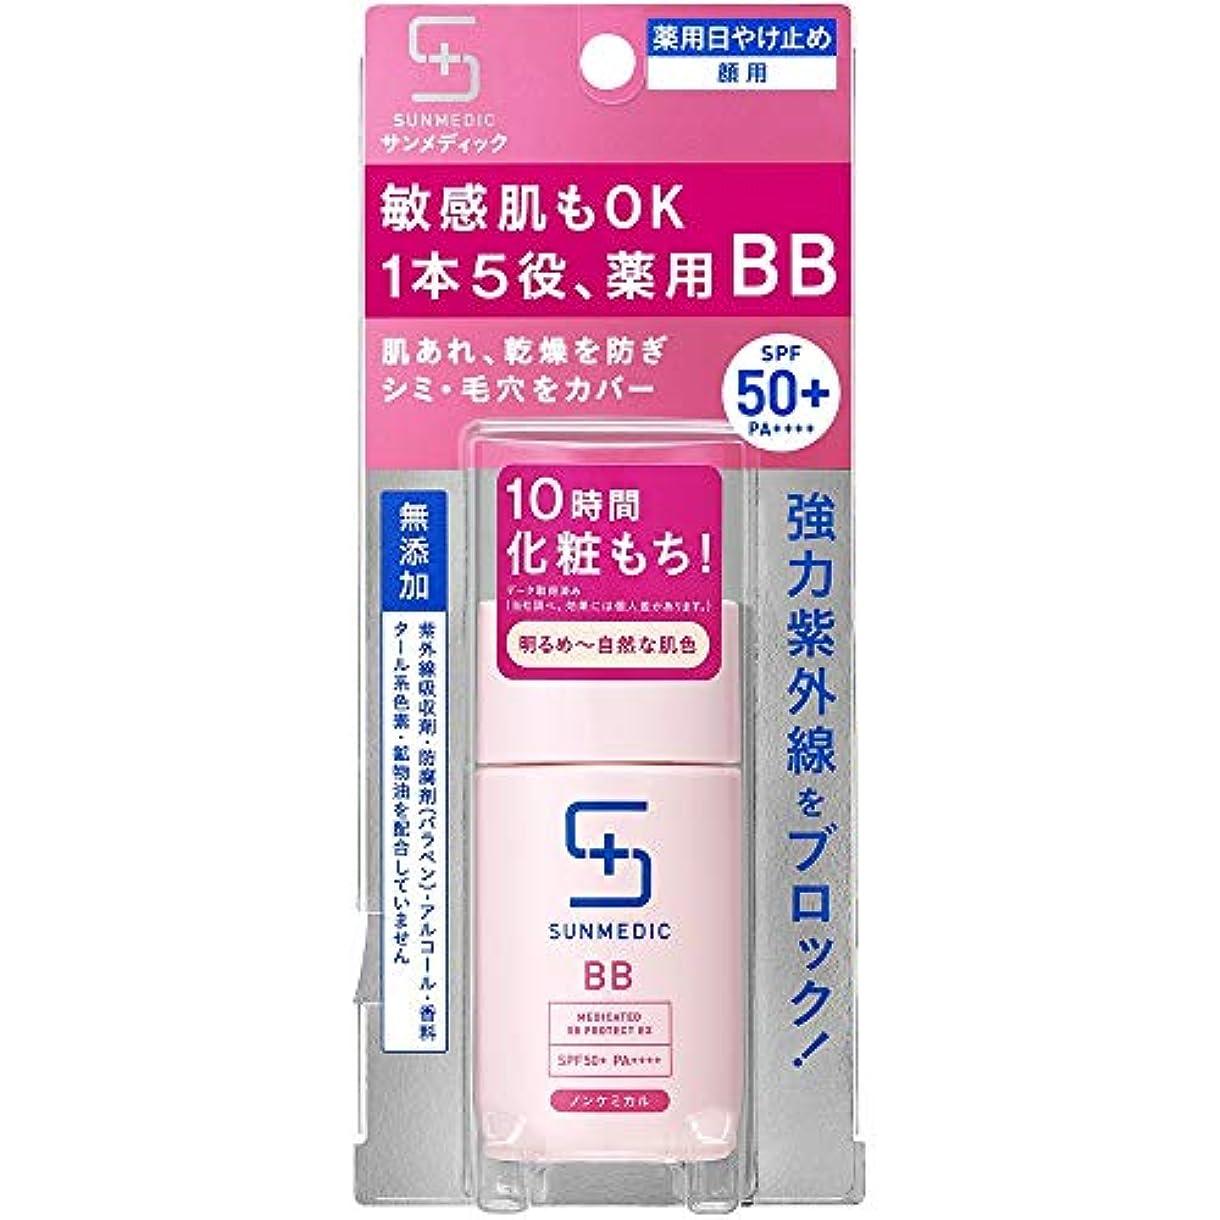 人道的側整理するサンメディックUV 薬用BBプロテクトEX ライト 30ml (医薬部外品)